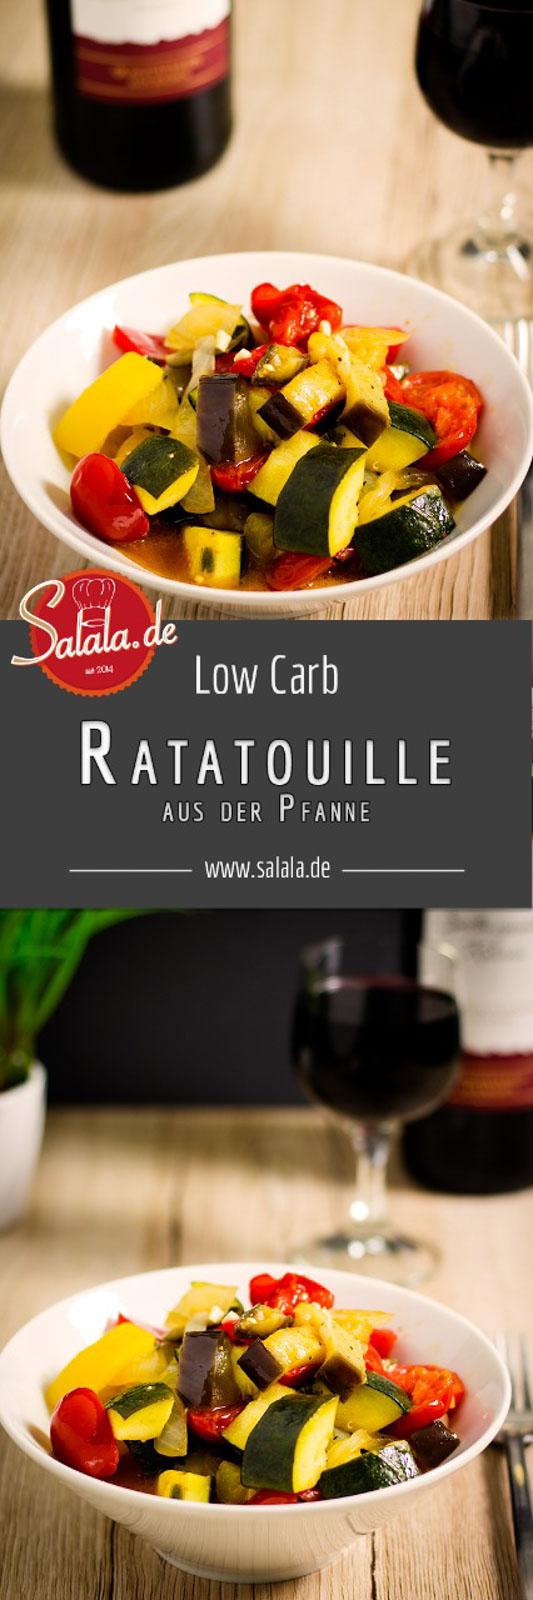 Ratatouille - französische Küche - low carb und vegetarisch - by salala.de | Schmorgemüse Gemüsefpanne Zucchini Paprika Aubergine Tomaten